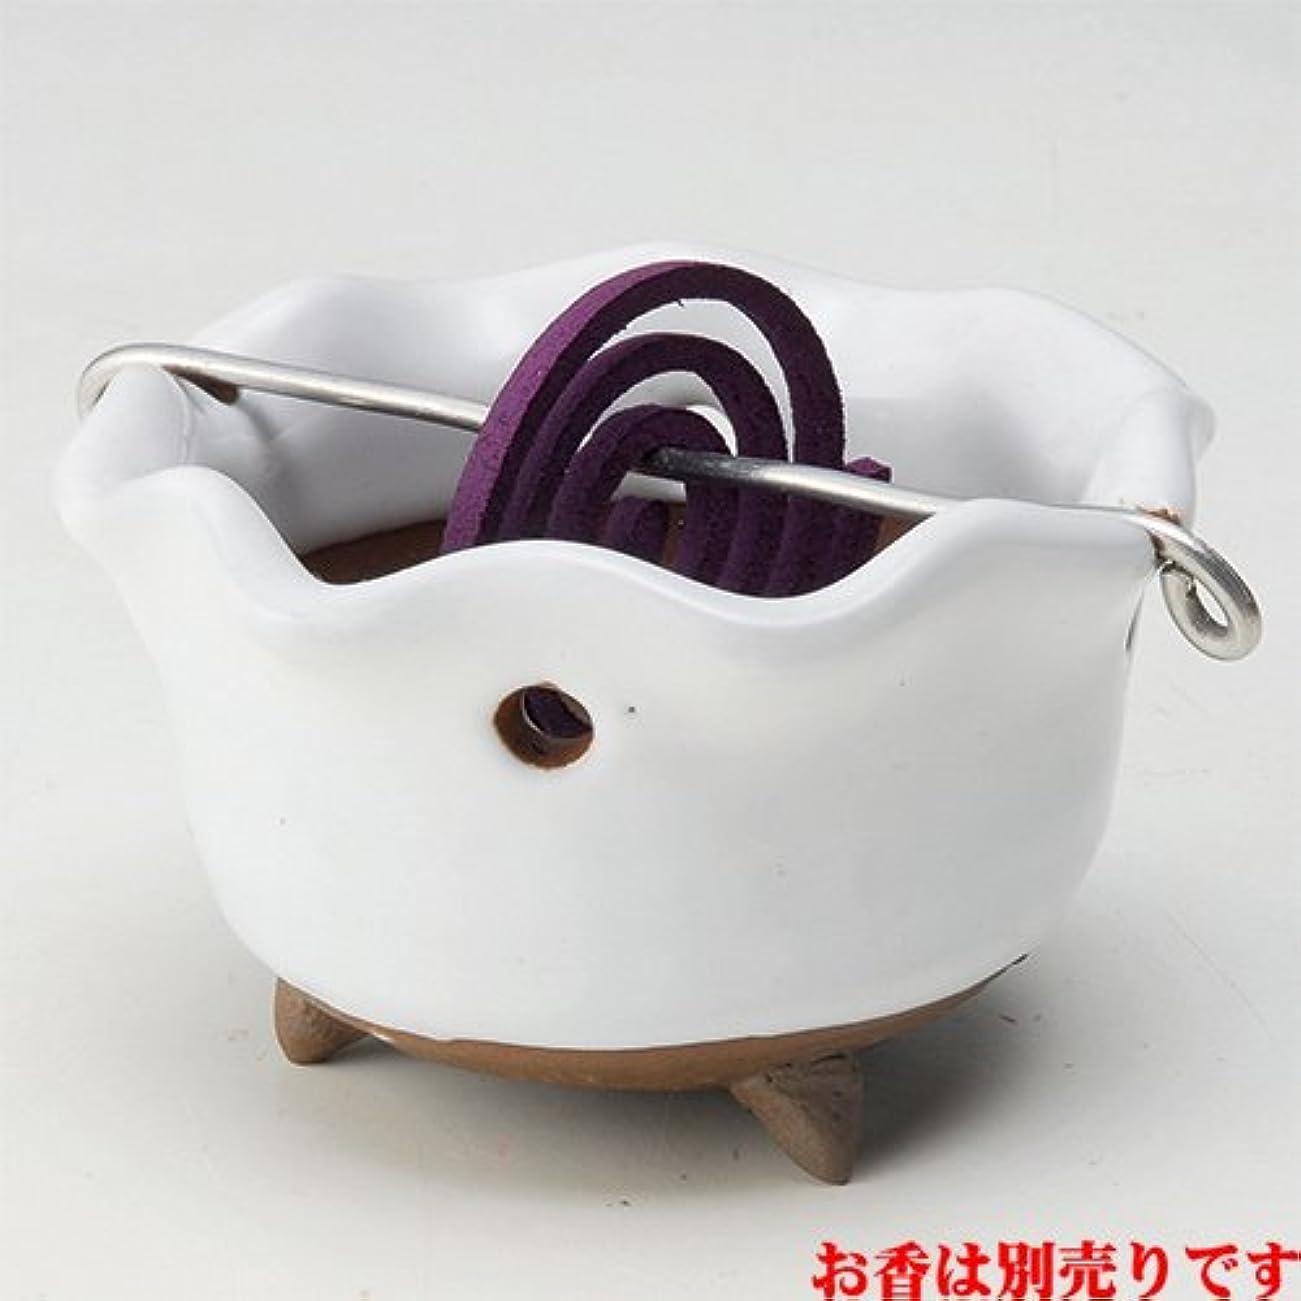 慢性的サーマルやさしく香皿 白志野 花型 香鉢 [R8.5xH5.3cm] HANDMADE プレゼント ギフト 和食器 かわいい インテリア